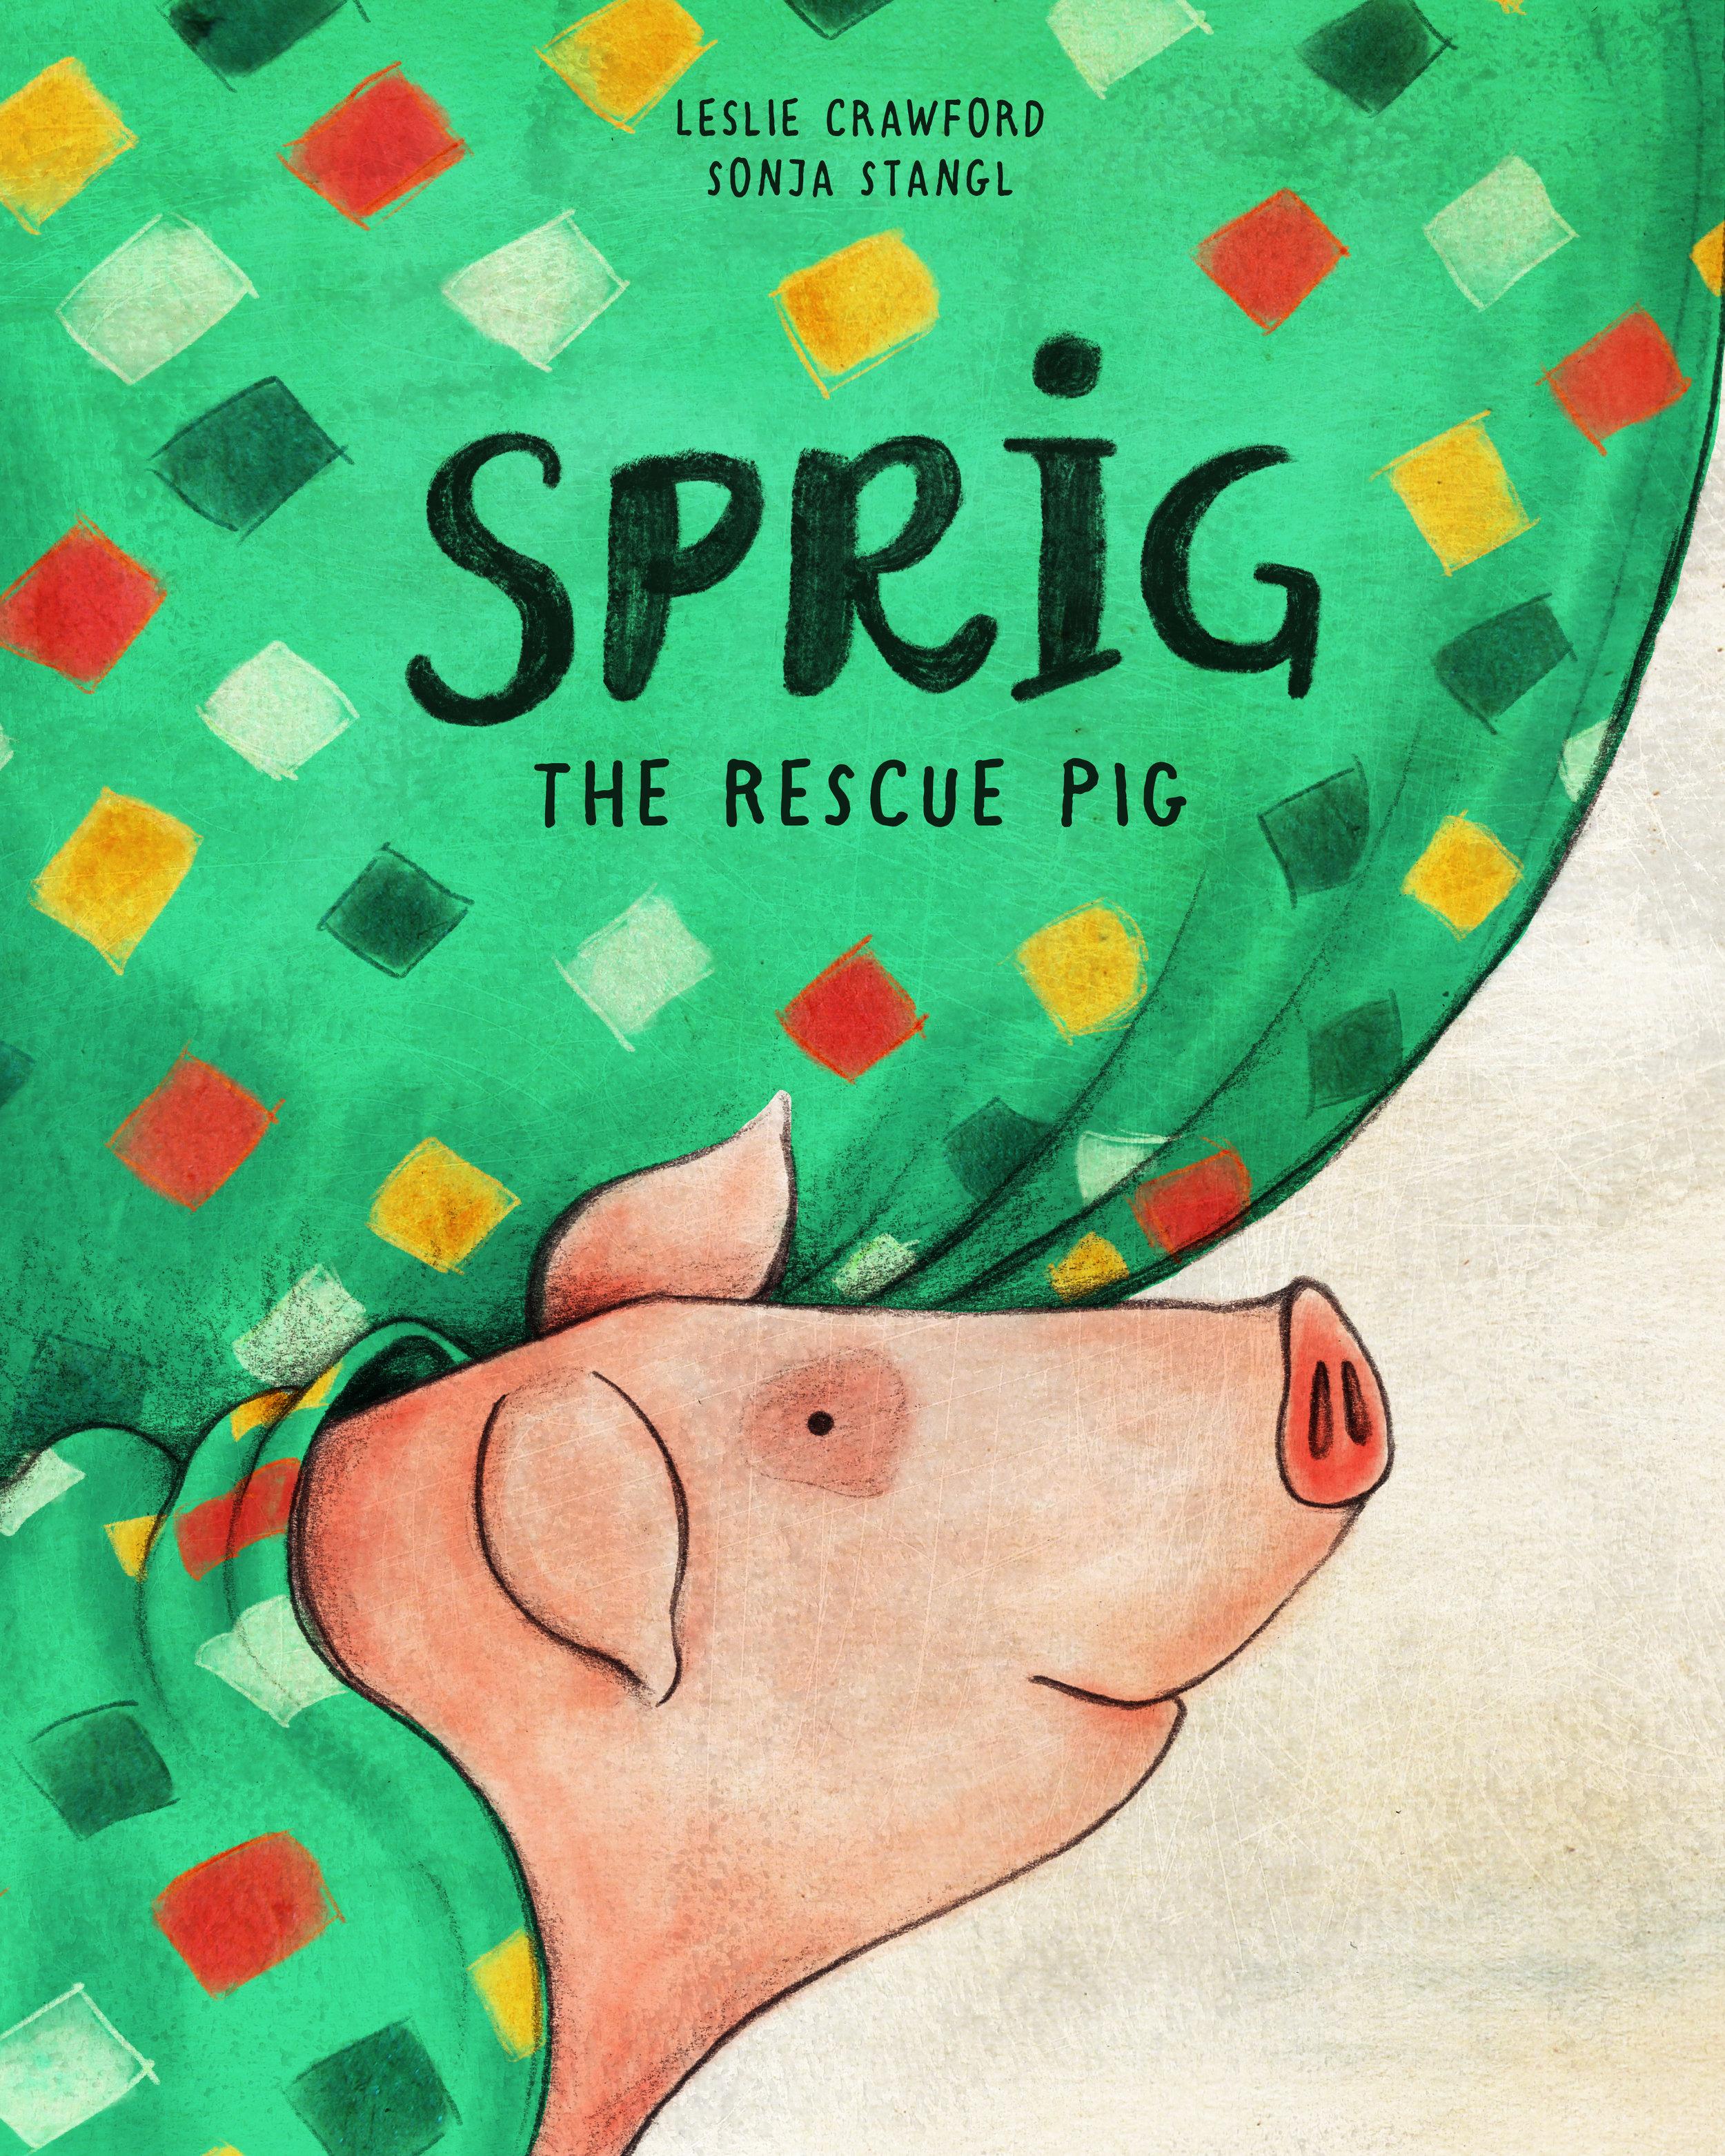 Sprig The Rescue Pig